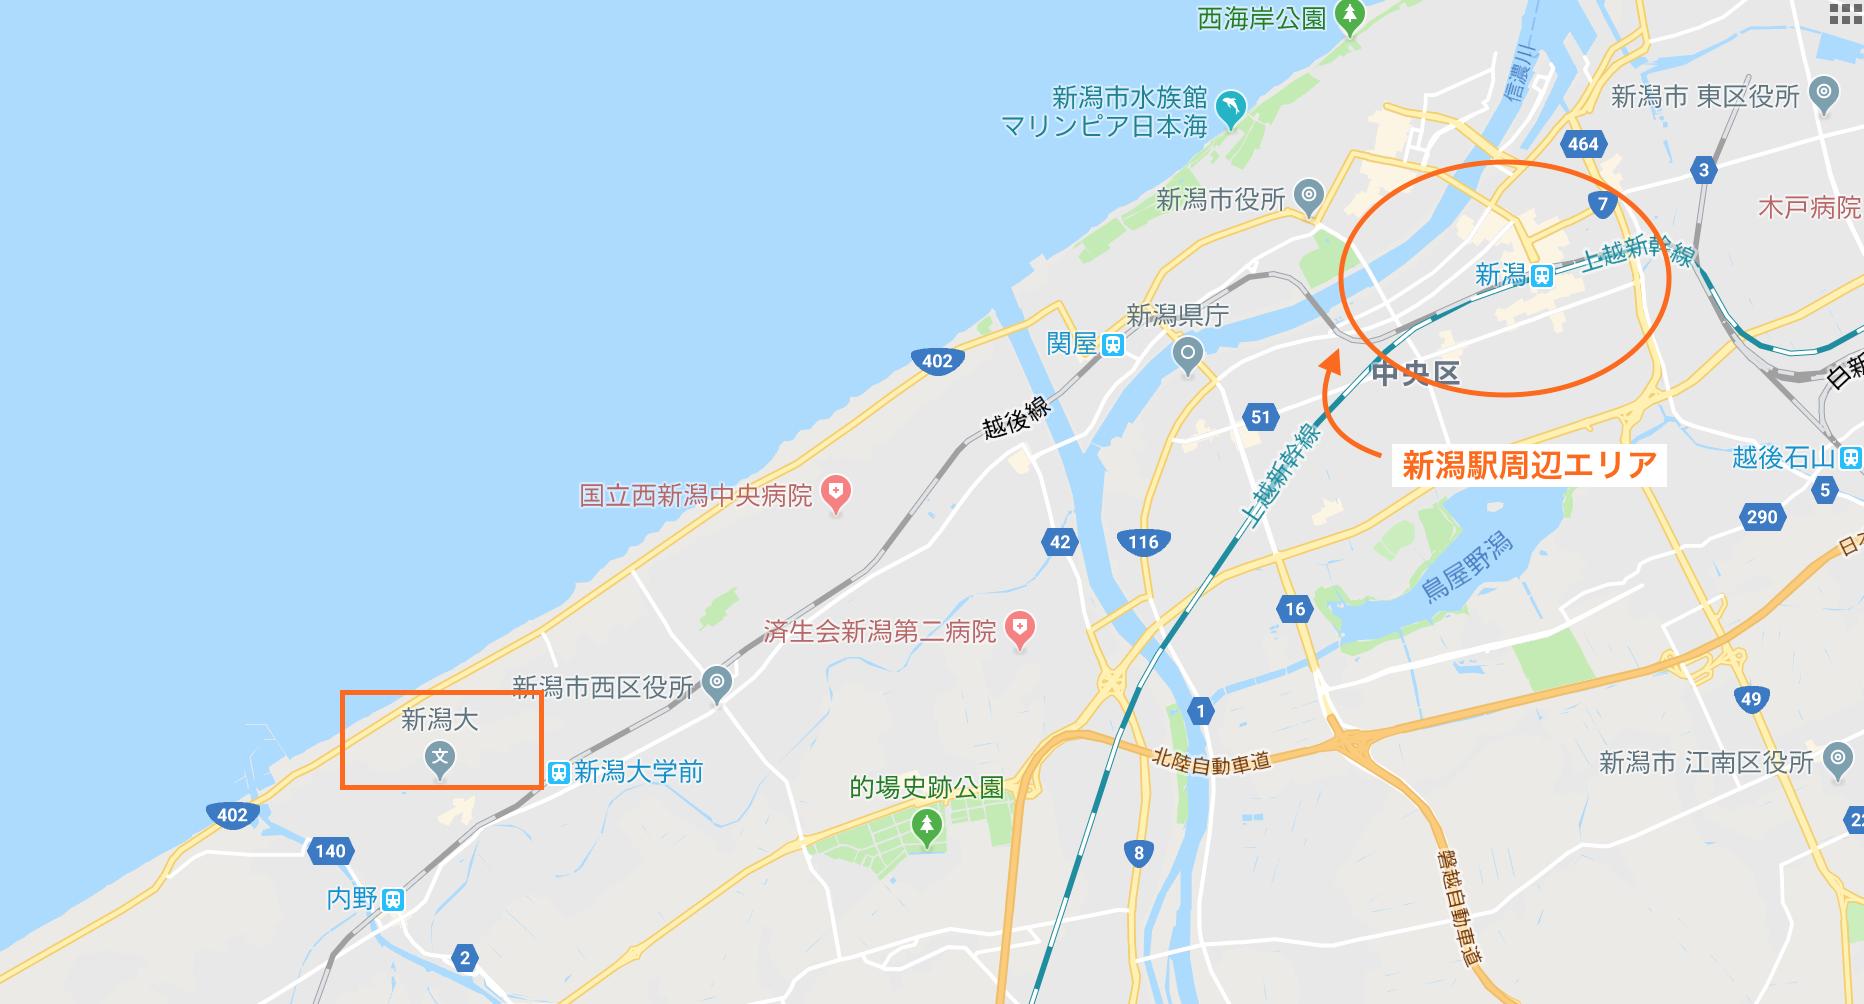 新潟大学の五十嵐キャンパス周辺の宿泊エリア